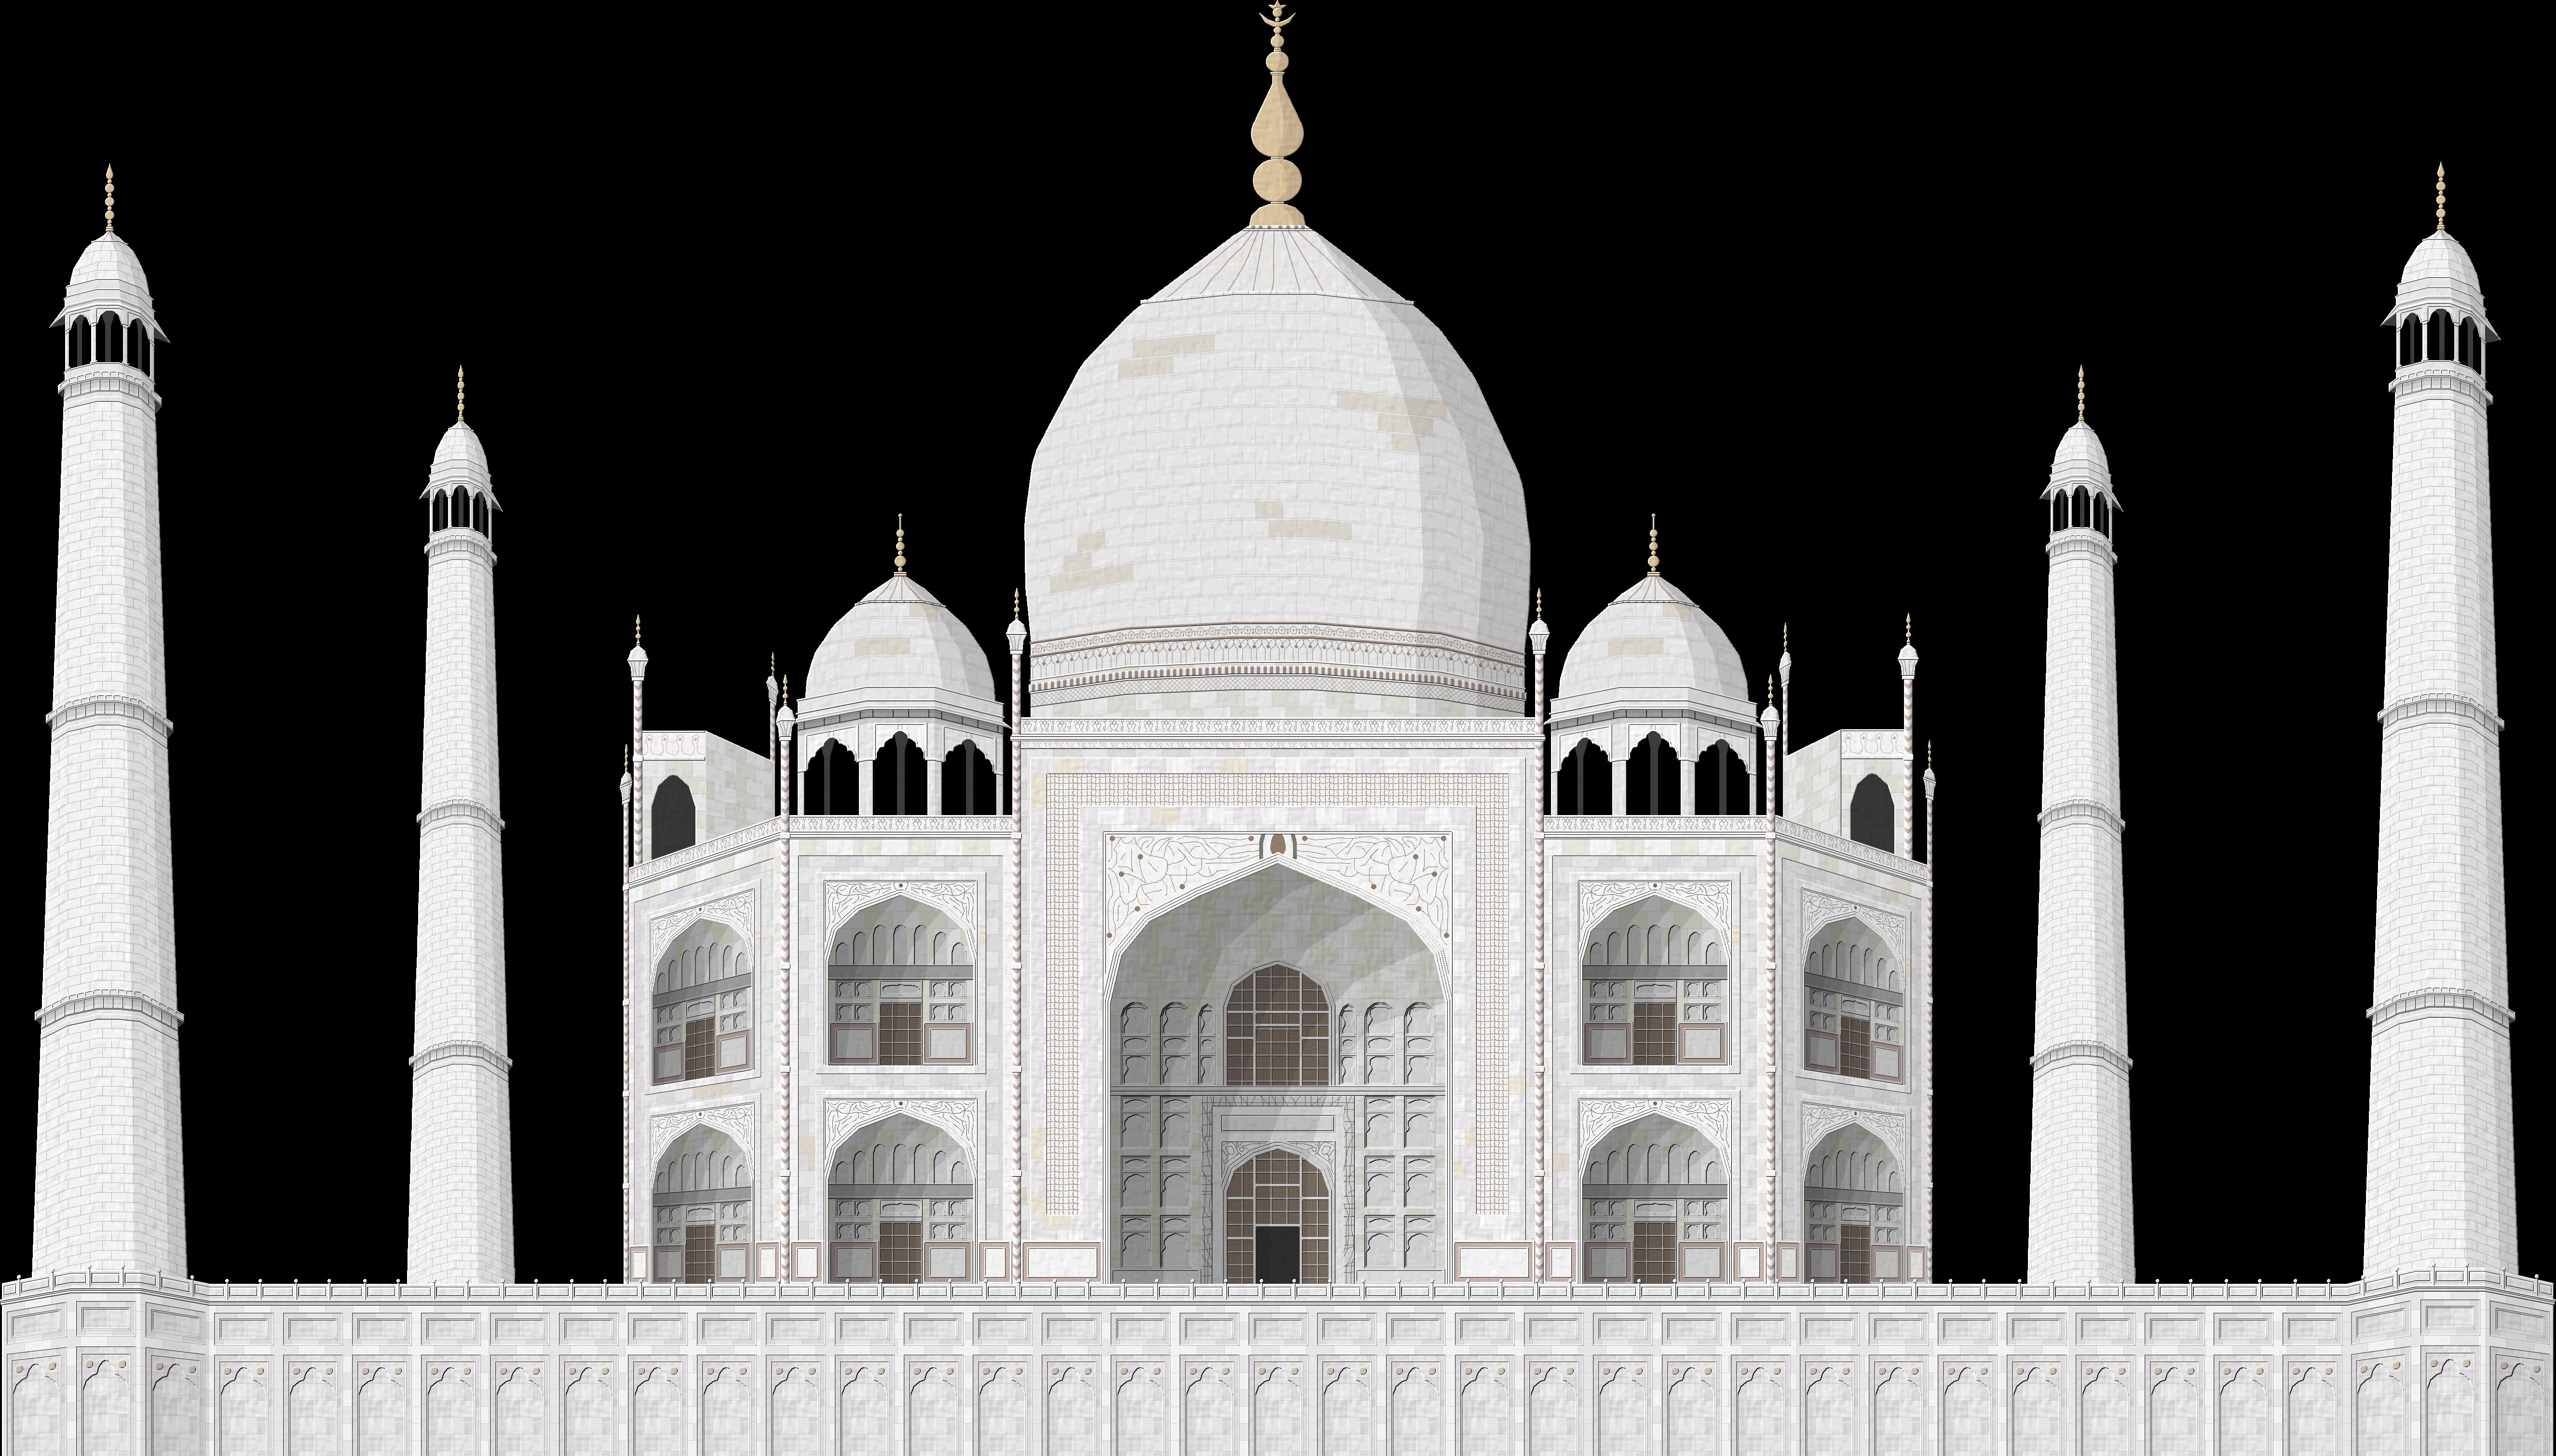 Taj Mahal by Herbertrocha Taj Mahal by Herbertrocha - Taj Mahal PNG